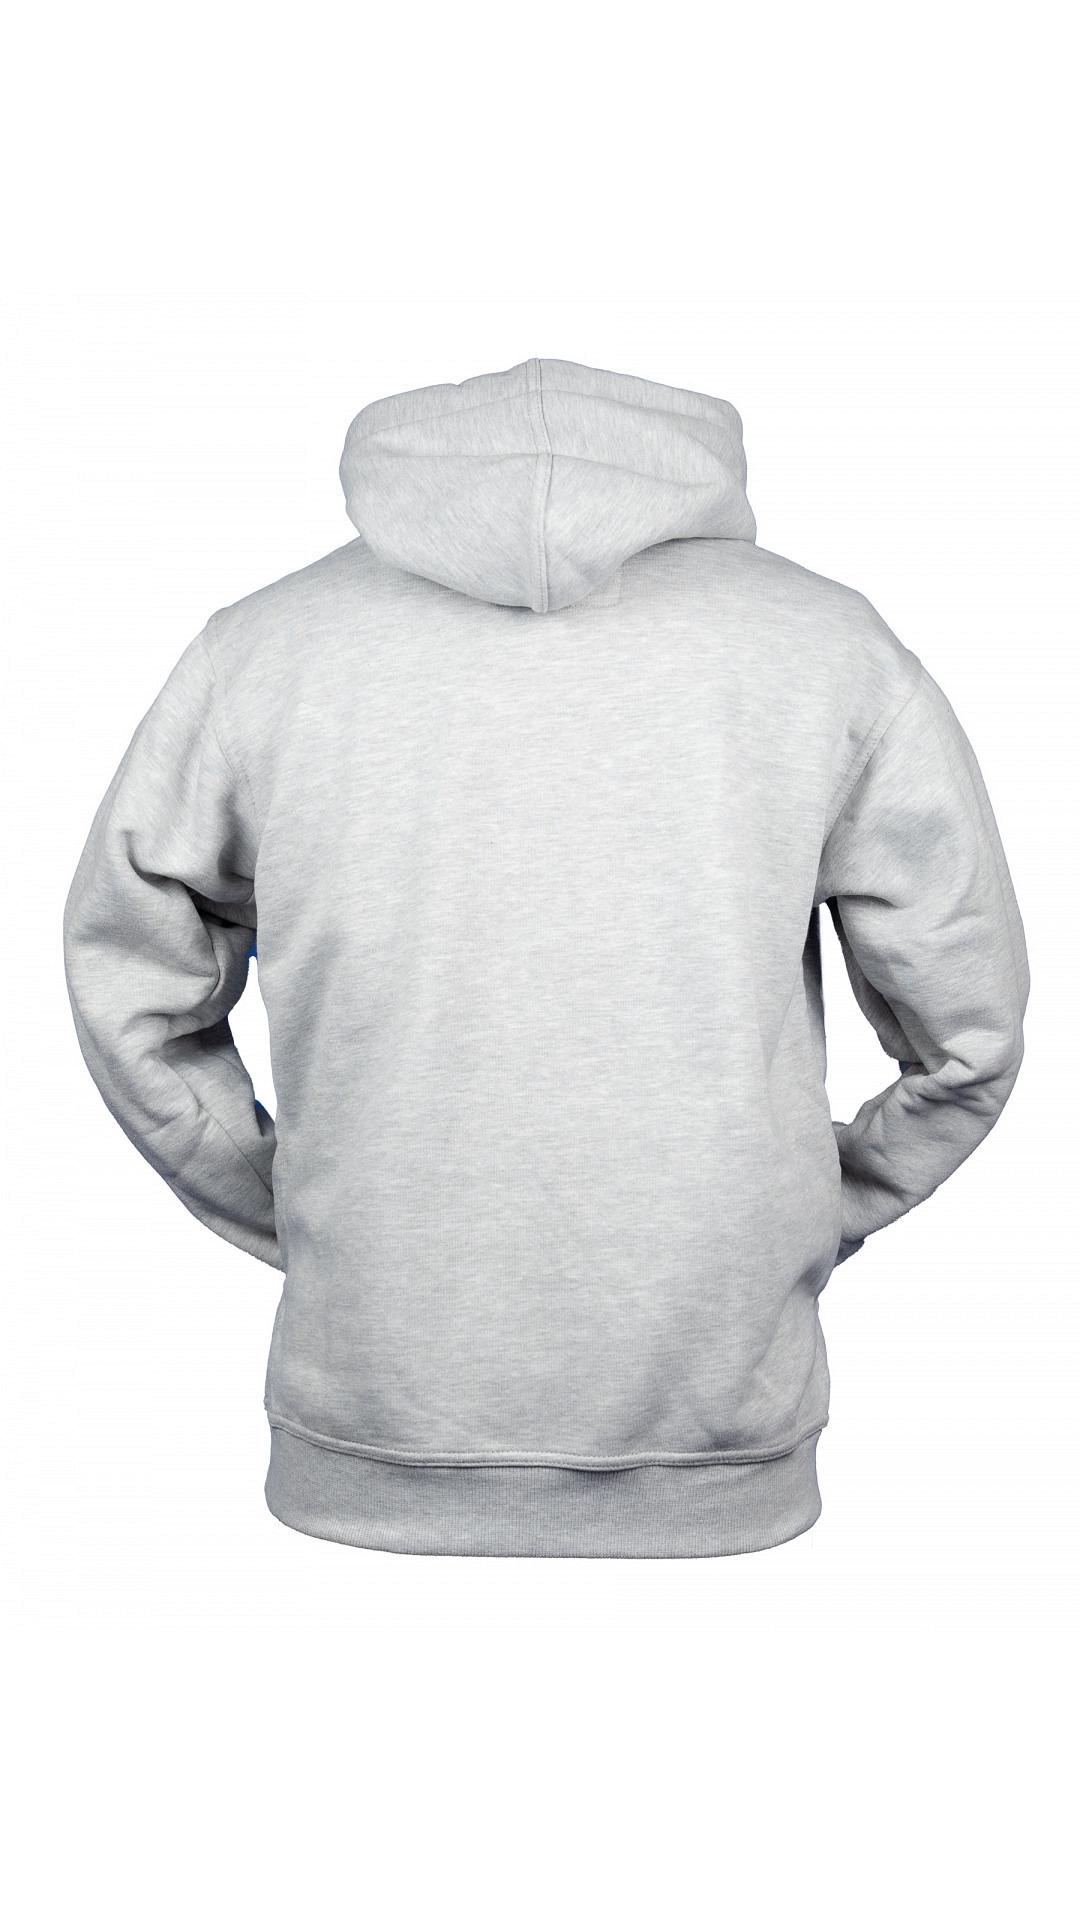 Hoodie Grau, unisex